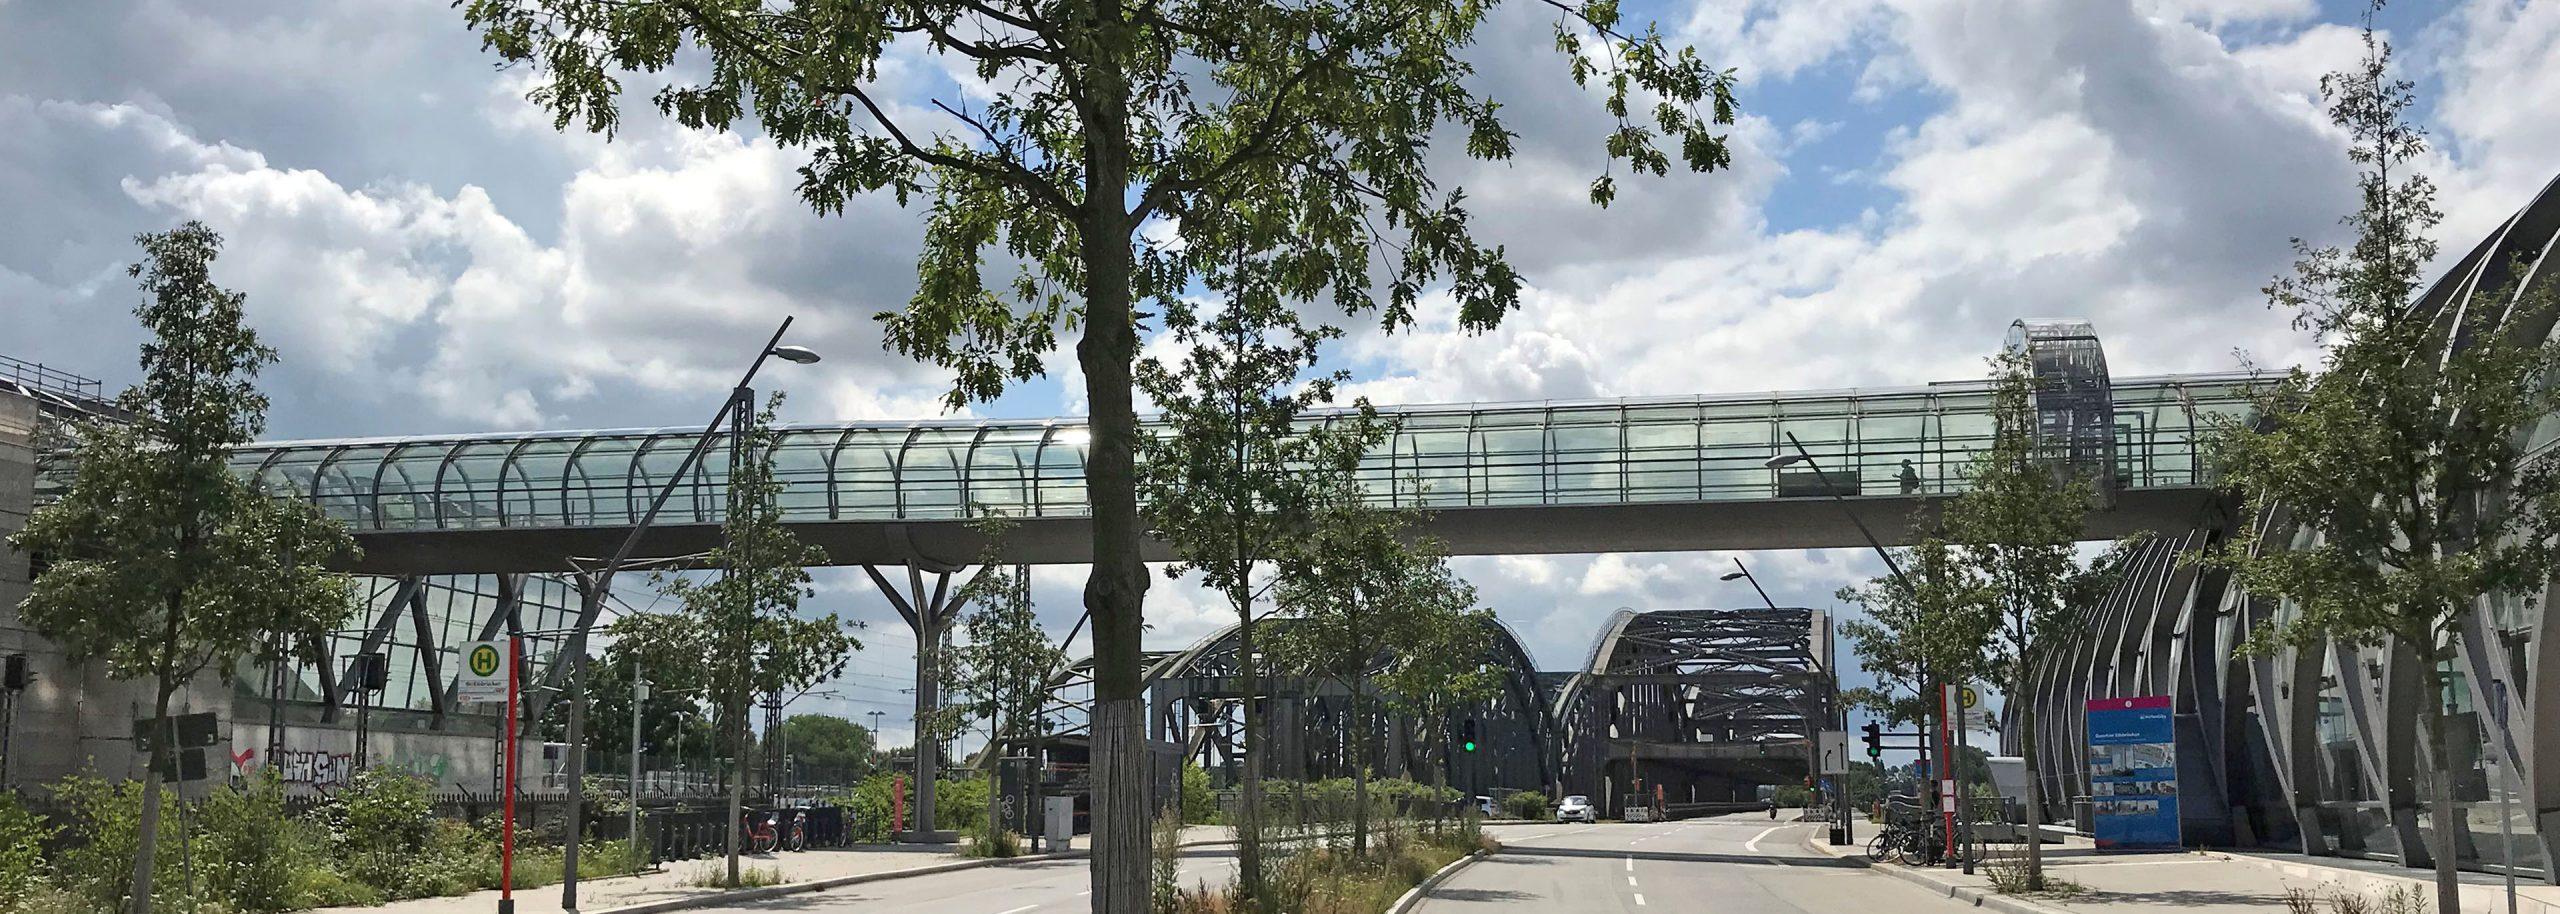 Hamburg Hochbahn Verbindungsbrücke Heroslider Header